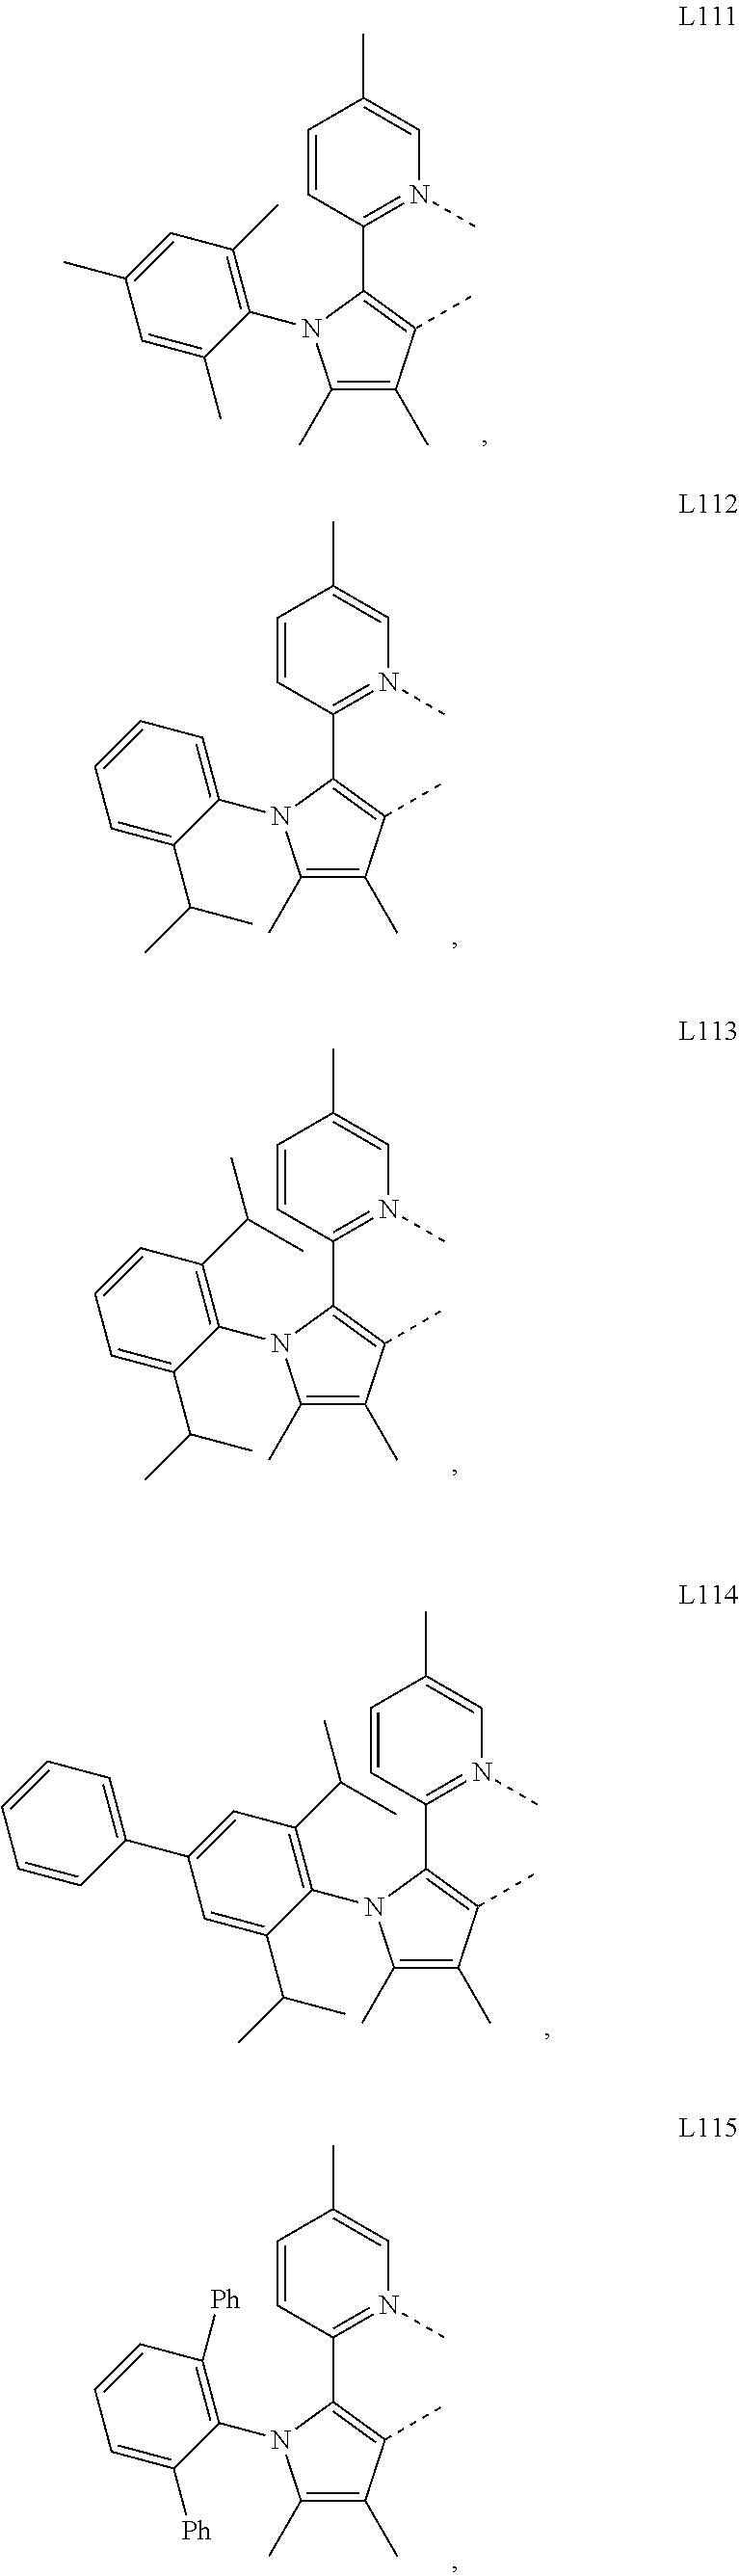 Figure US09935277-20180403-C00027